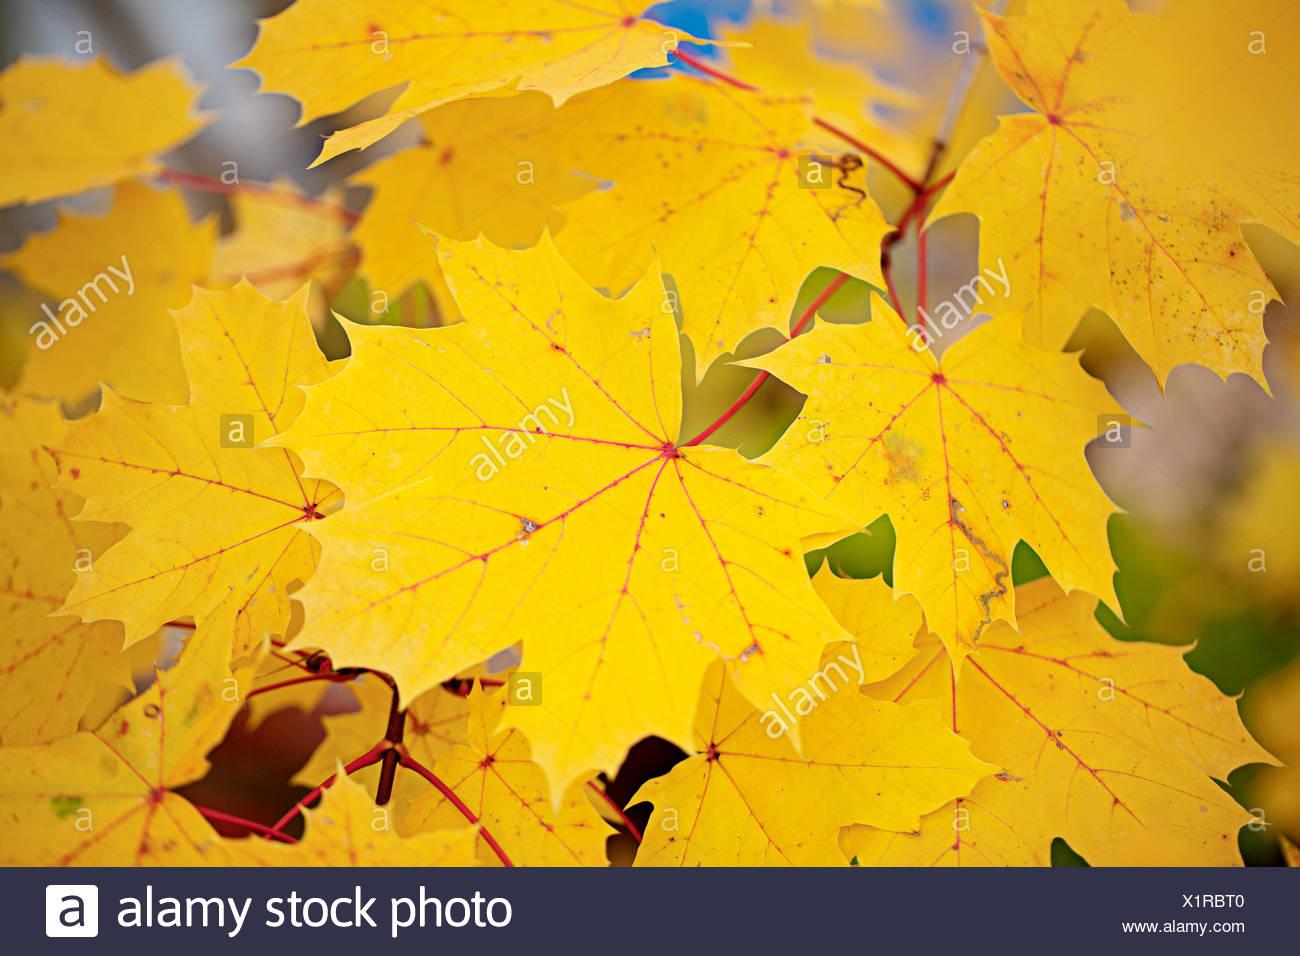 Nett Herbstblätter Färbung Seite Bilder - Beispiel Business ...